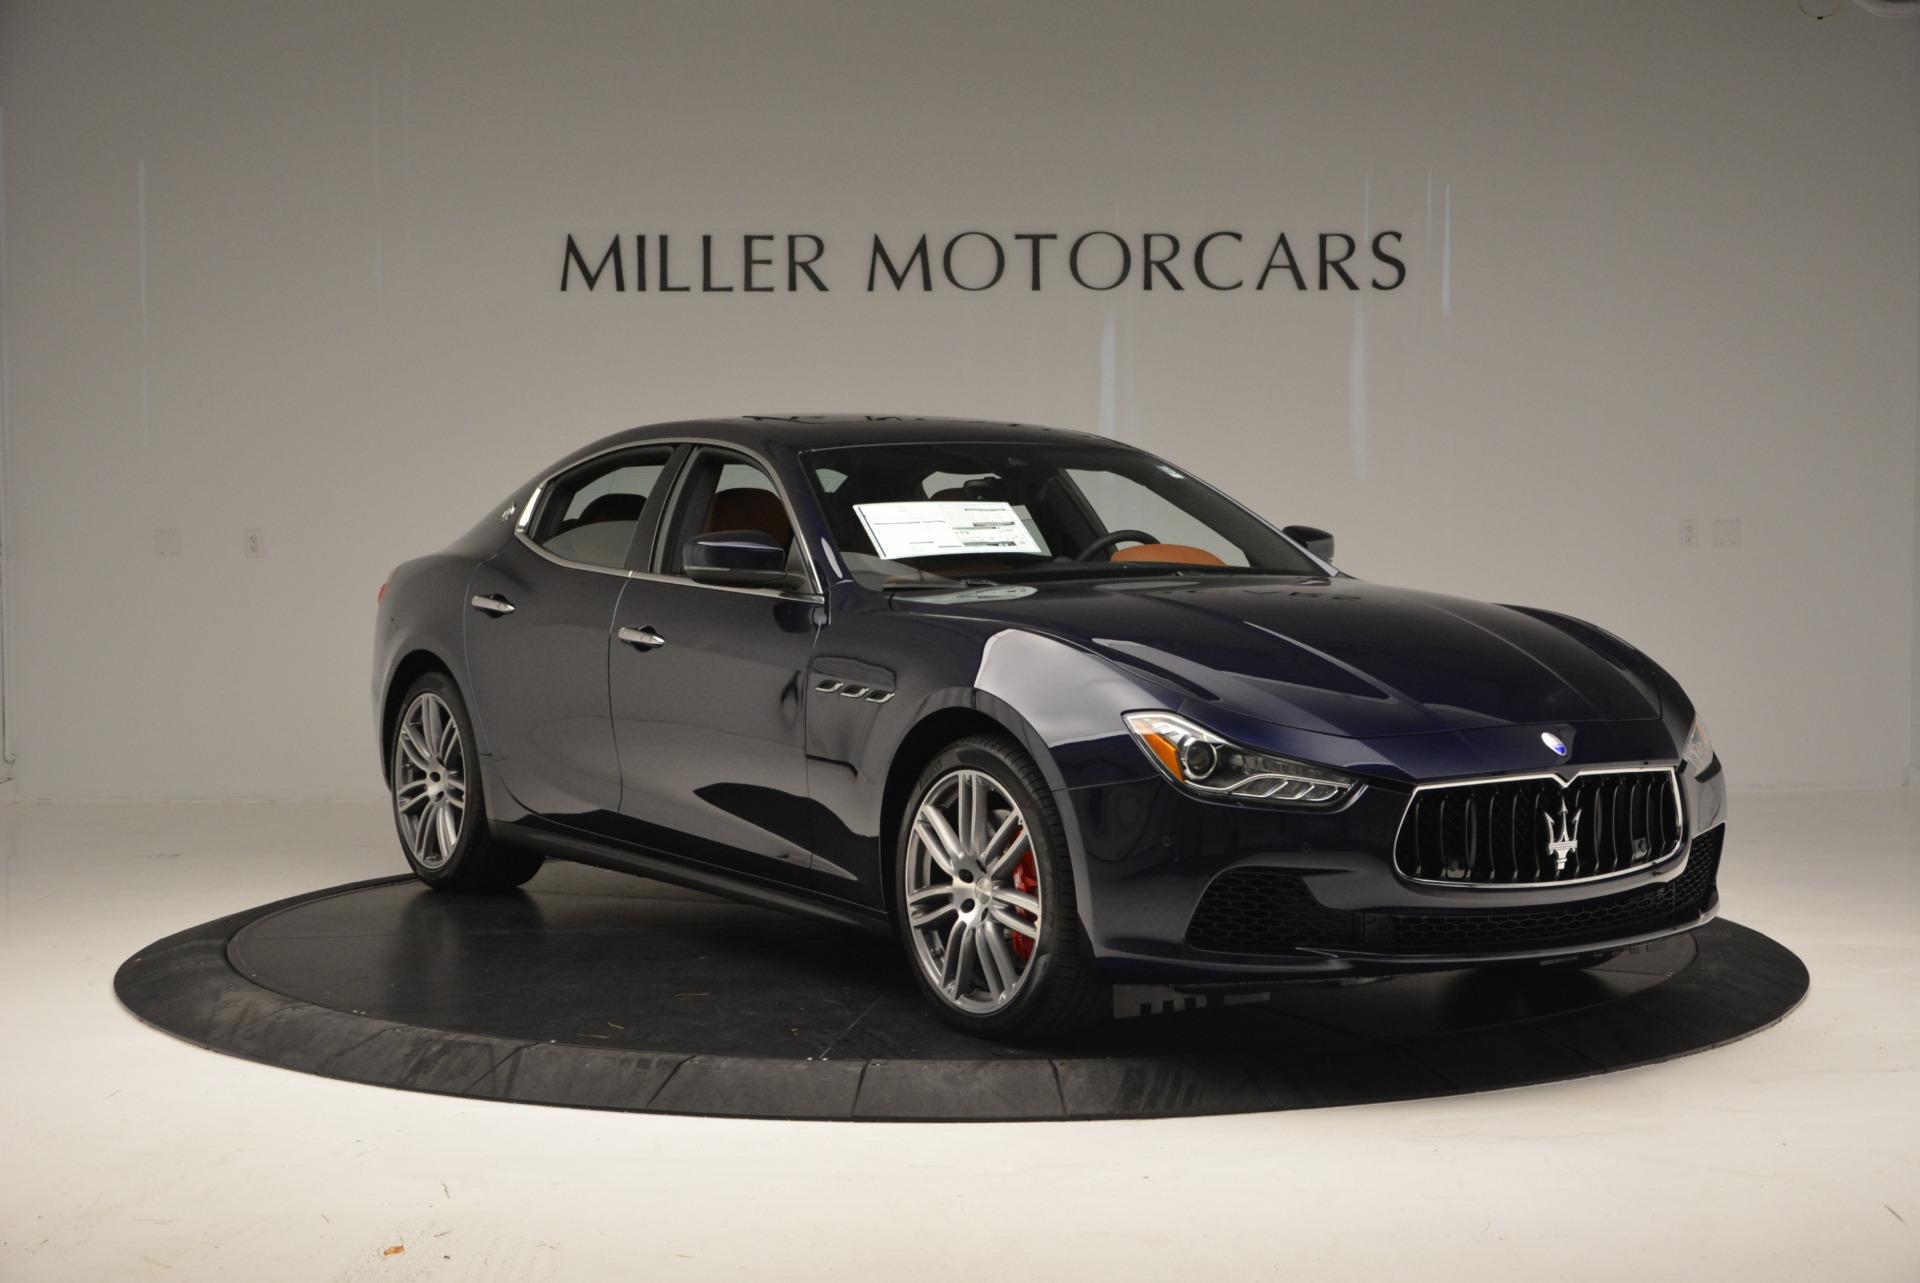 New 2019 Maserati Ghibli S Q4 For Sale In Greenwich, CT 2606_p11